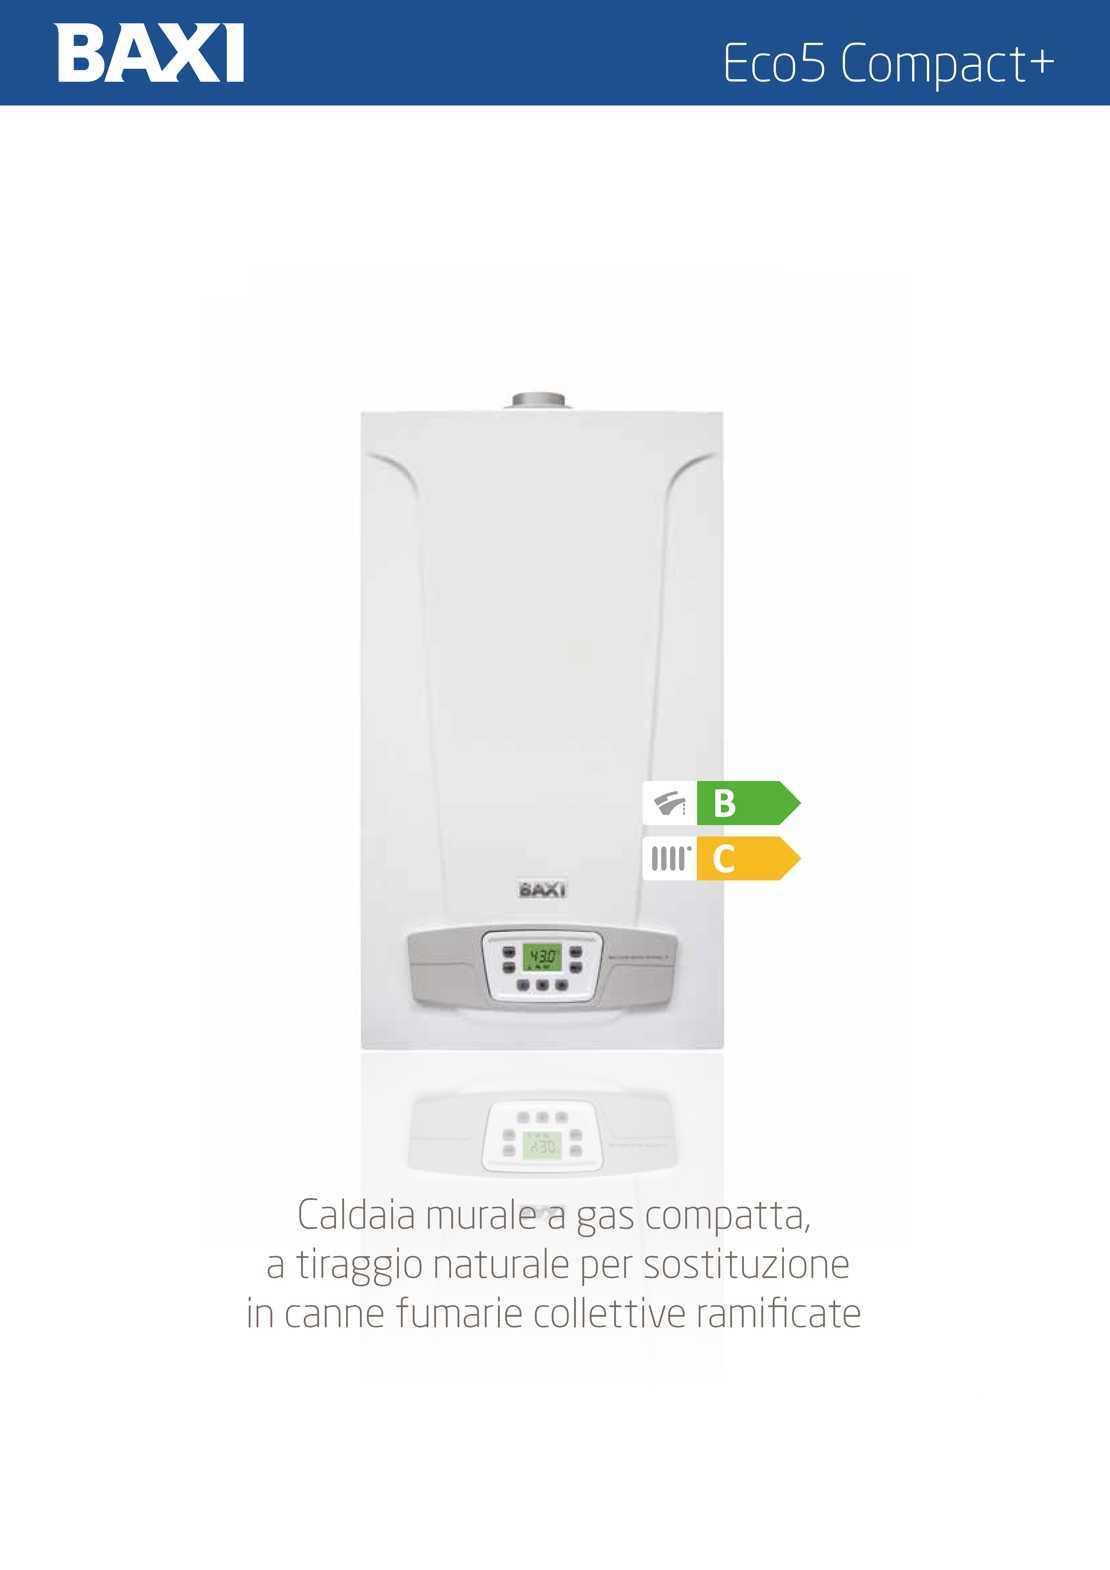 Caldaia Baxi Eco 5 Compact erp